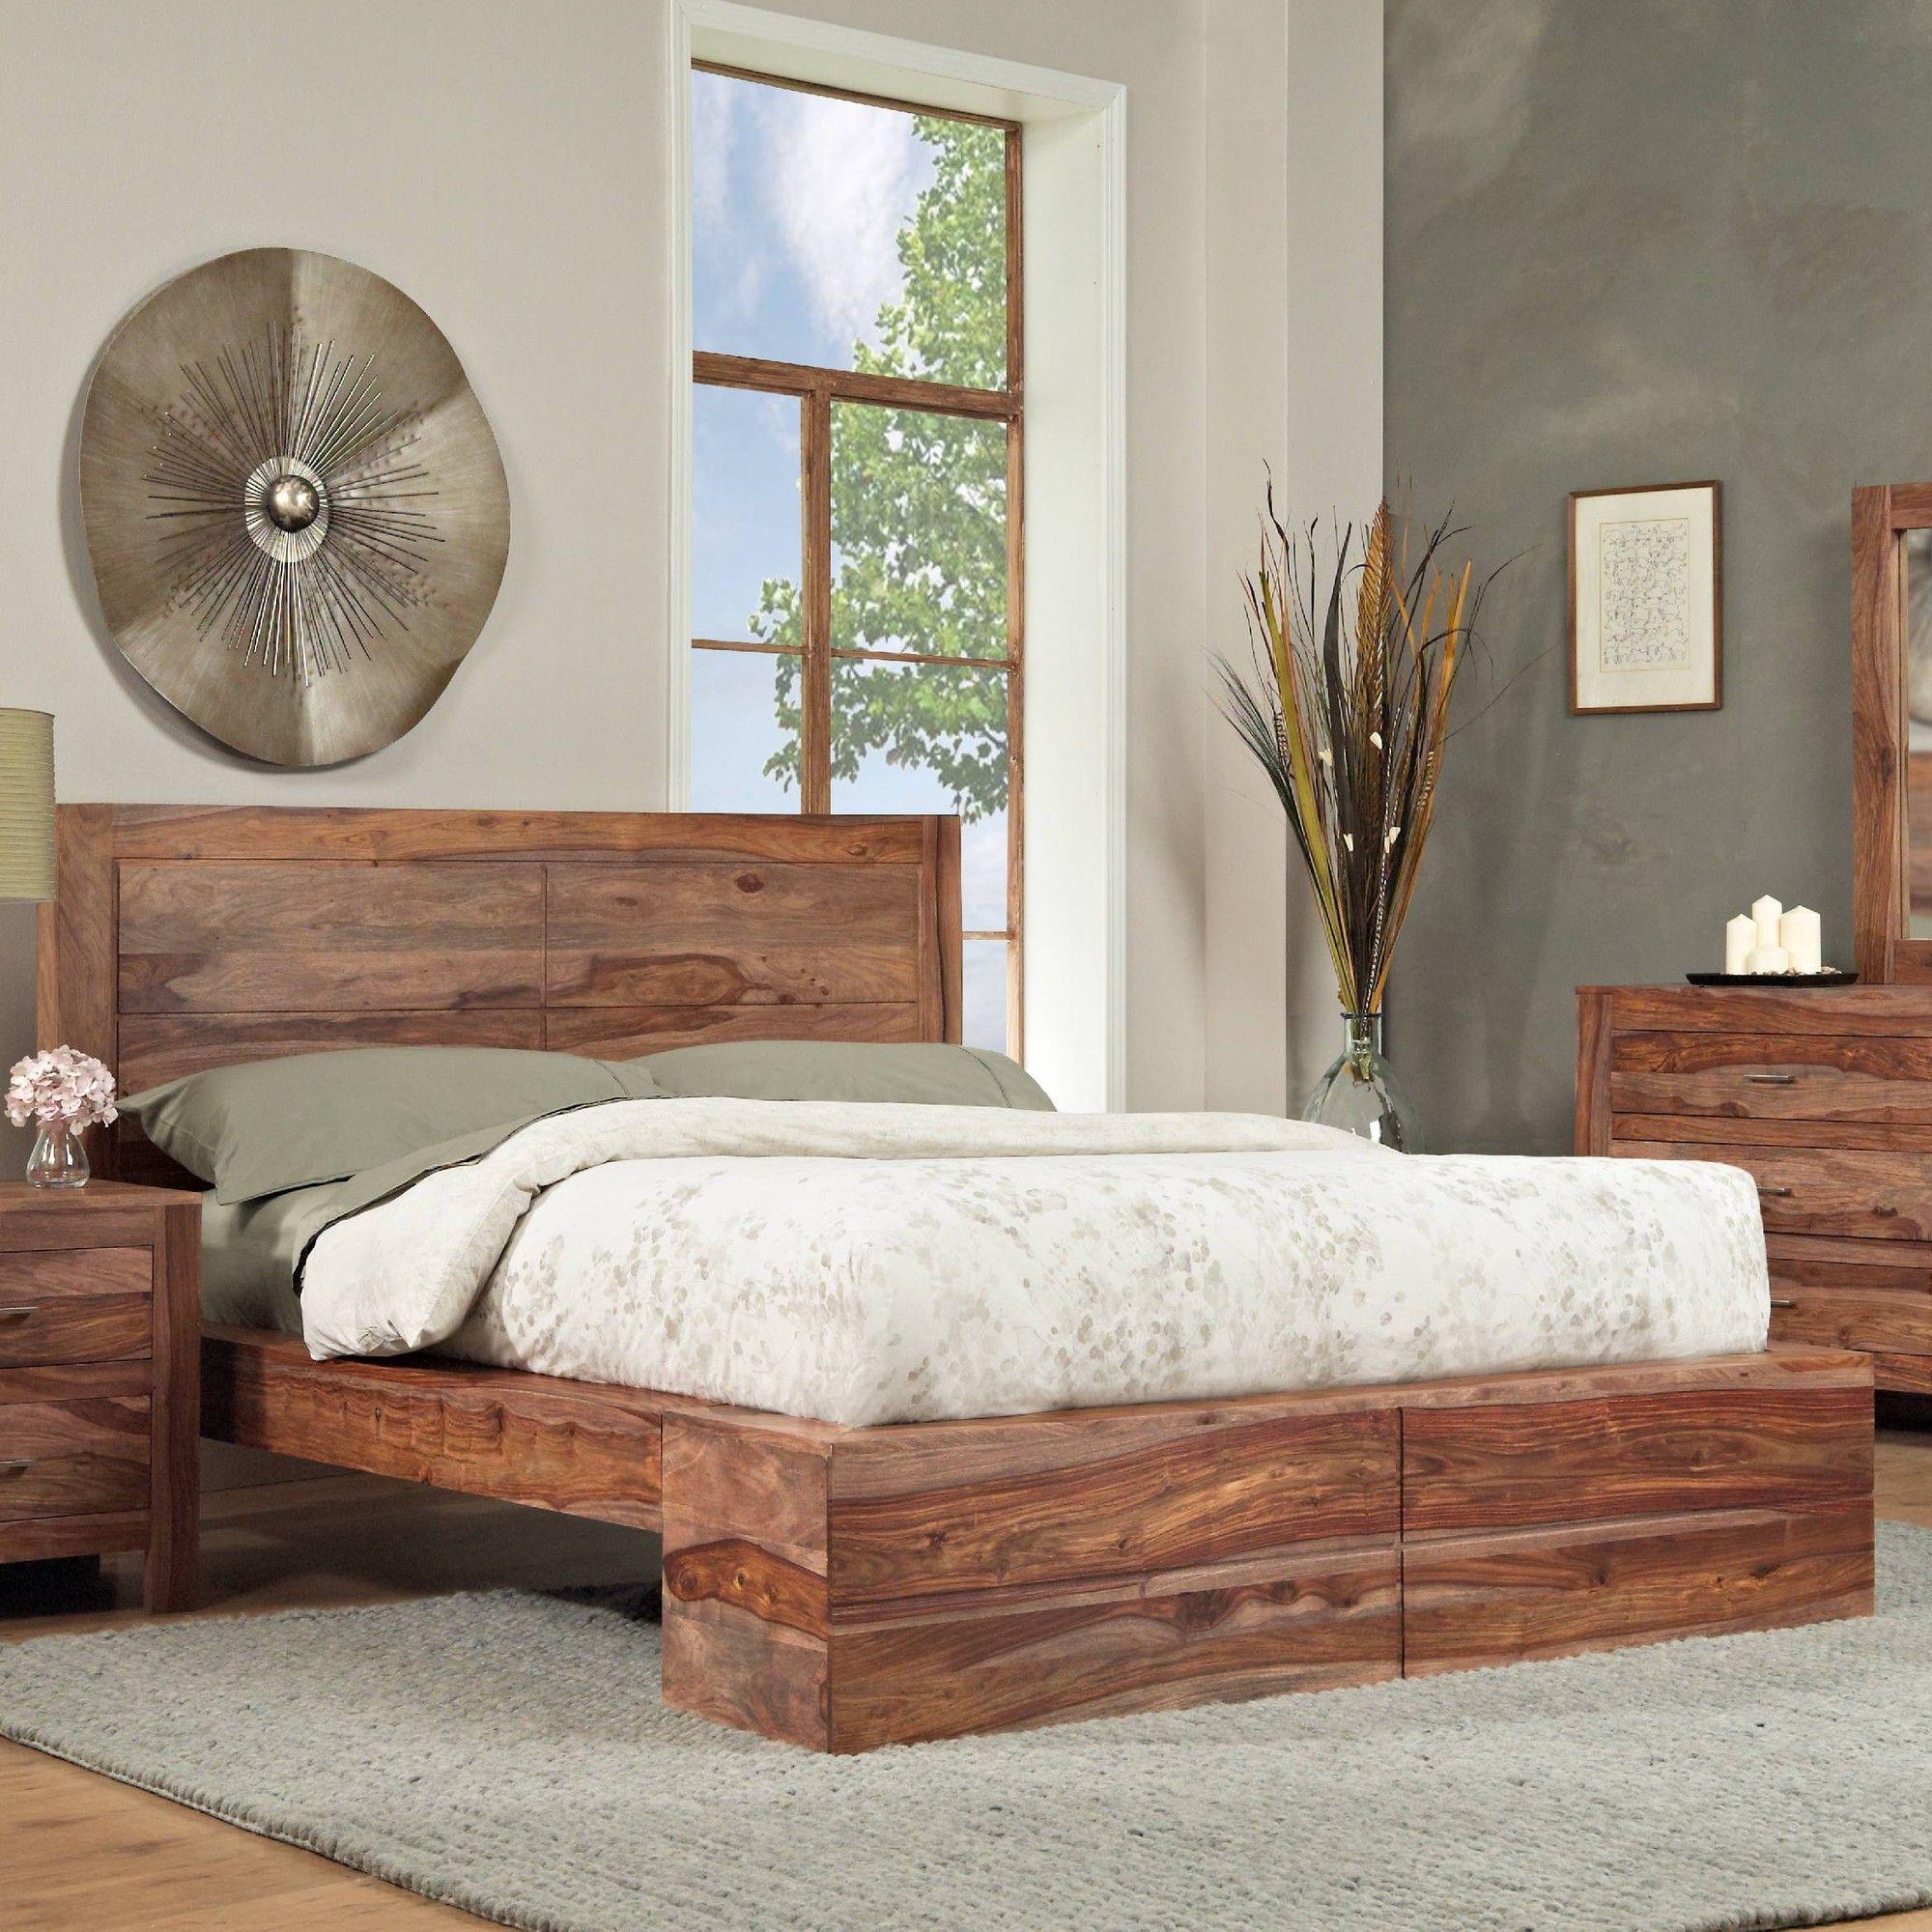 Mandy Wood Standard 5 Piece Bedroom Set Wood bedroom